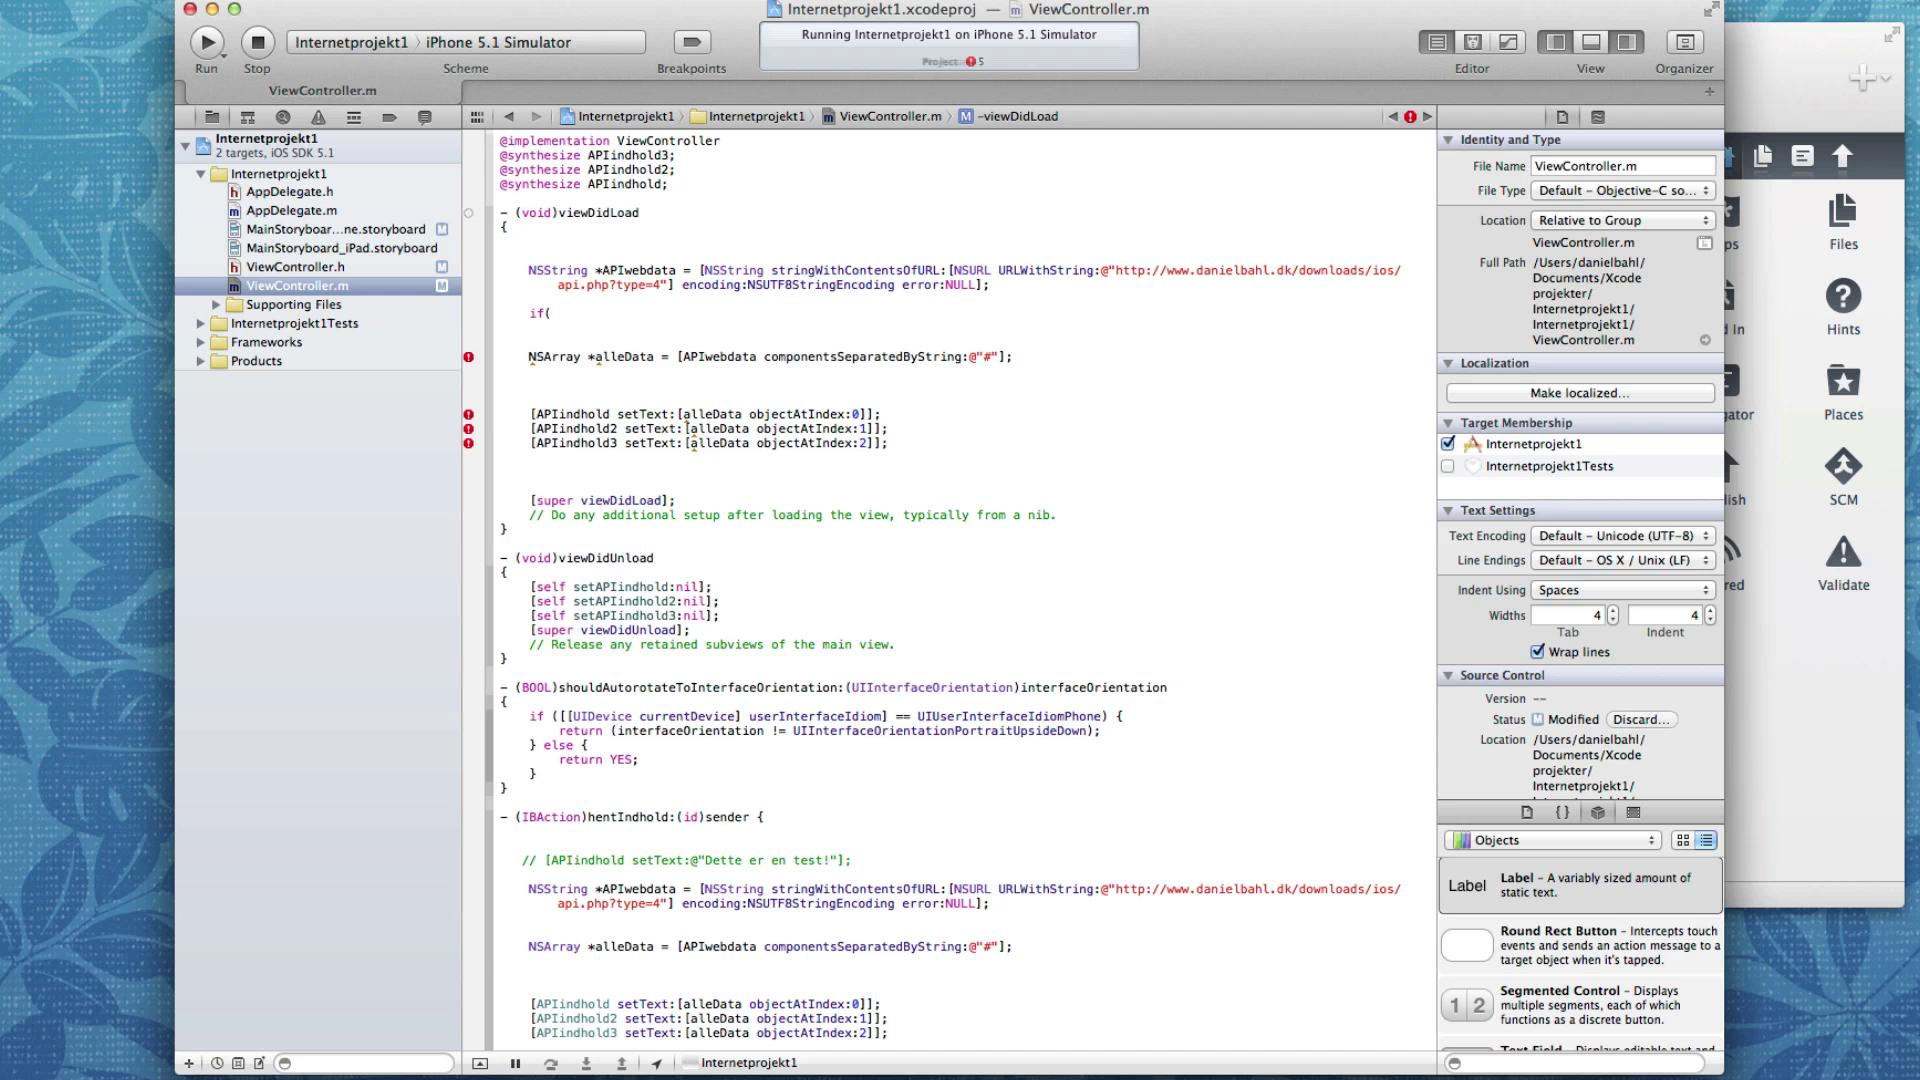 iOS Case: Byg komplet App - Del 4